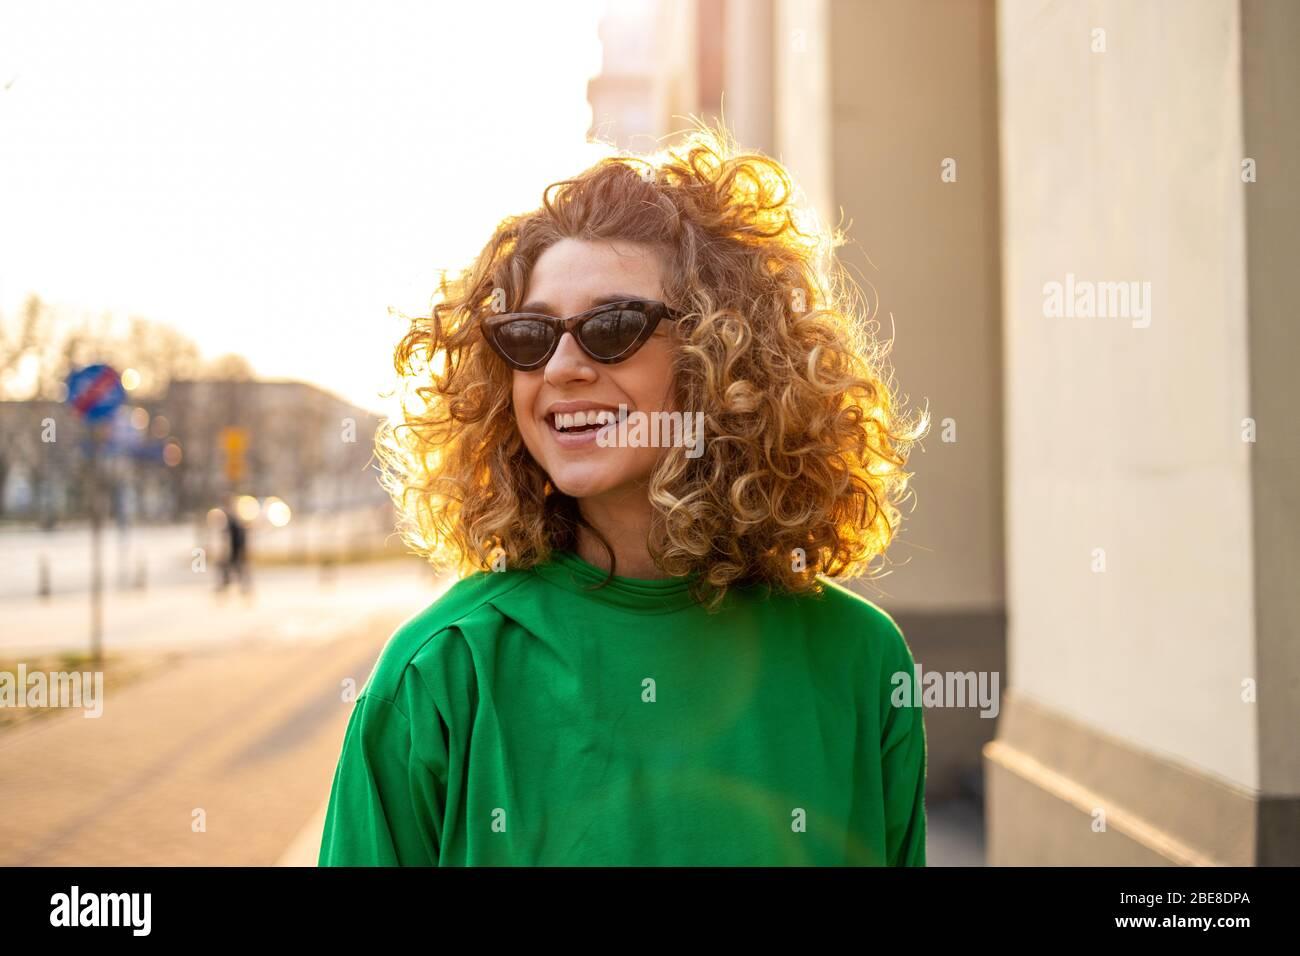 Porträt einer jungen Frau mit lockigen Haaren in der Stadt Stockfoto